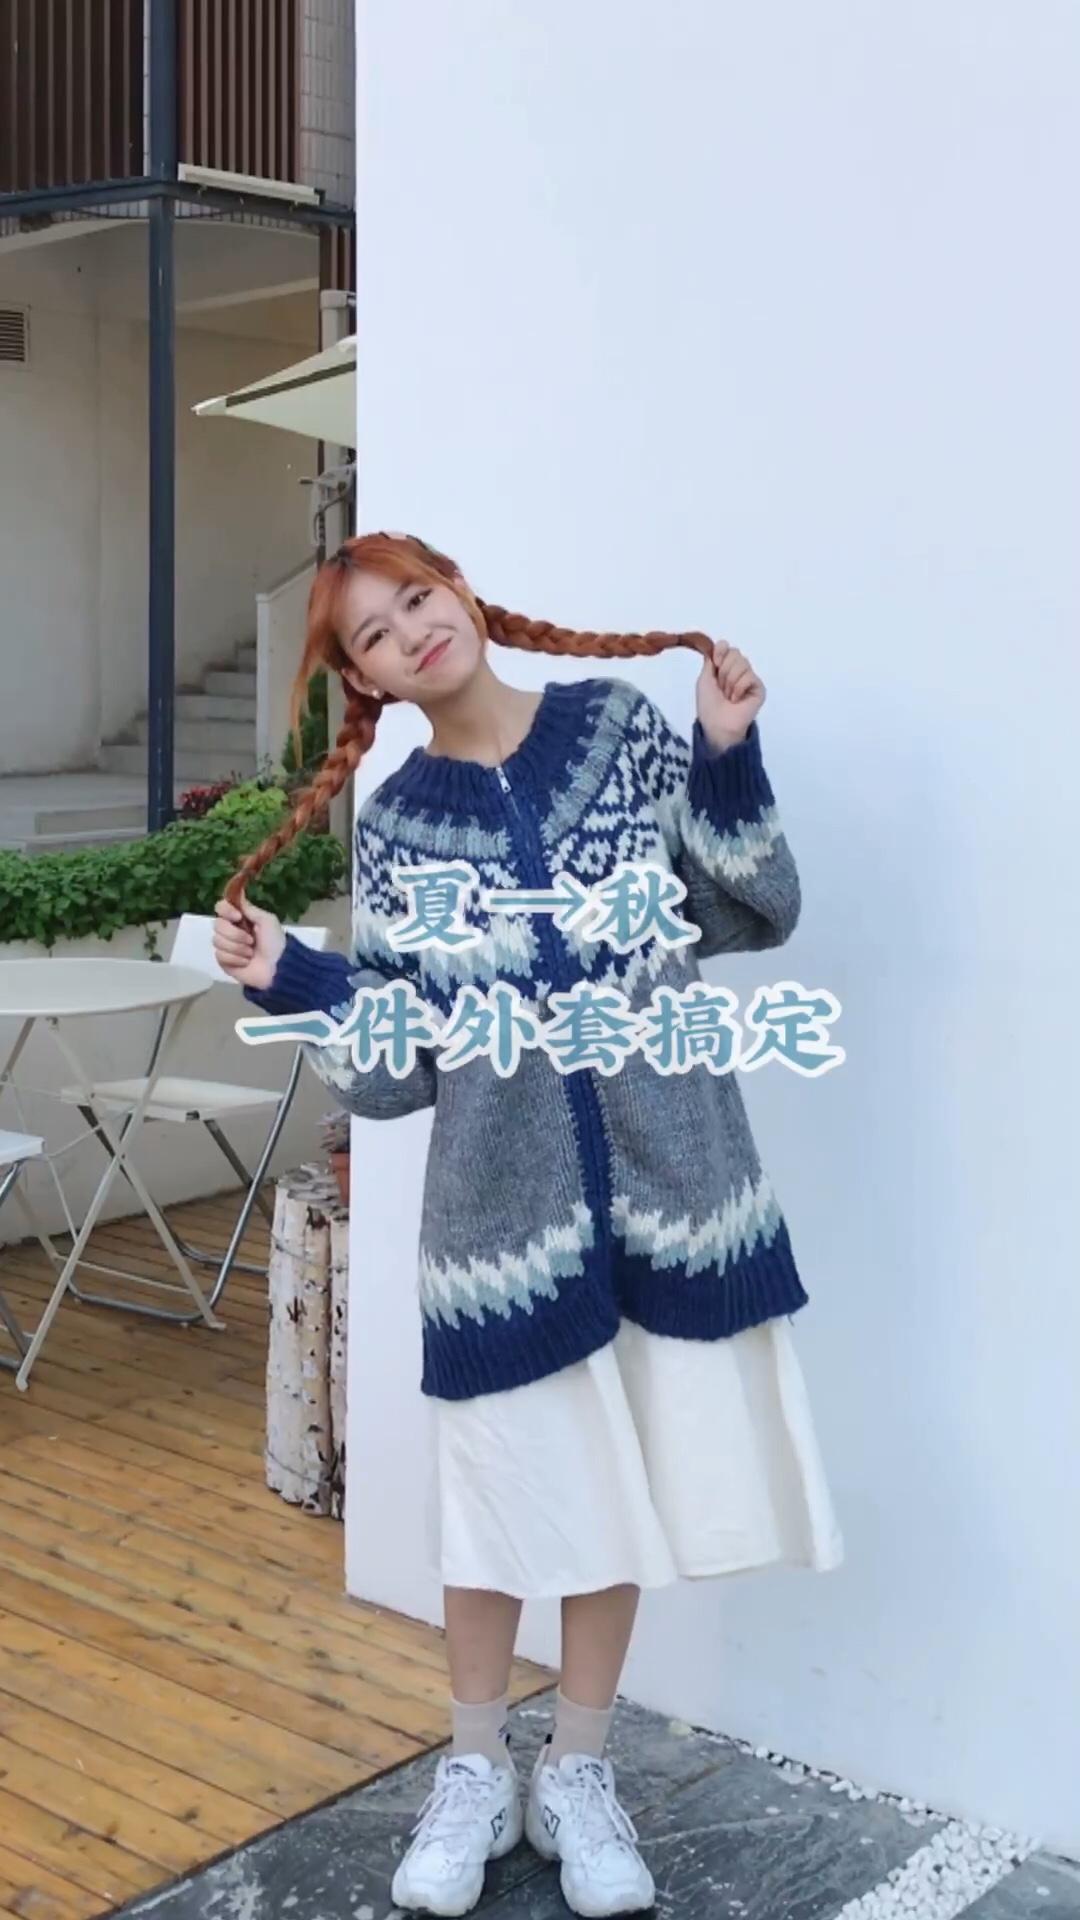 #夏→秋,一件外套搞定!# 古着系甜美毛衣外套,入秋马上安排一下! 蓝白色的雪花纹理,中长款 对身材的包容性很好 搭配杏色的半身蓬蓬裙 甜甜得少女感 很适合小个子女生的那种~